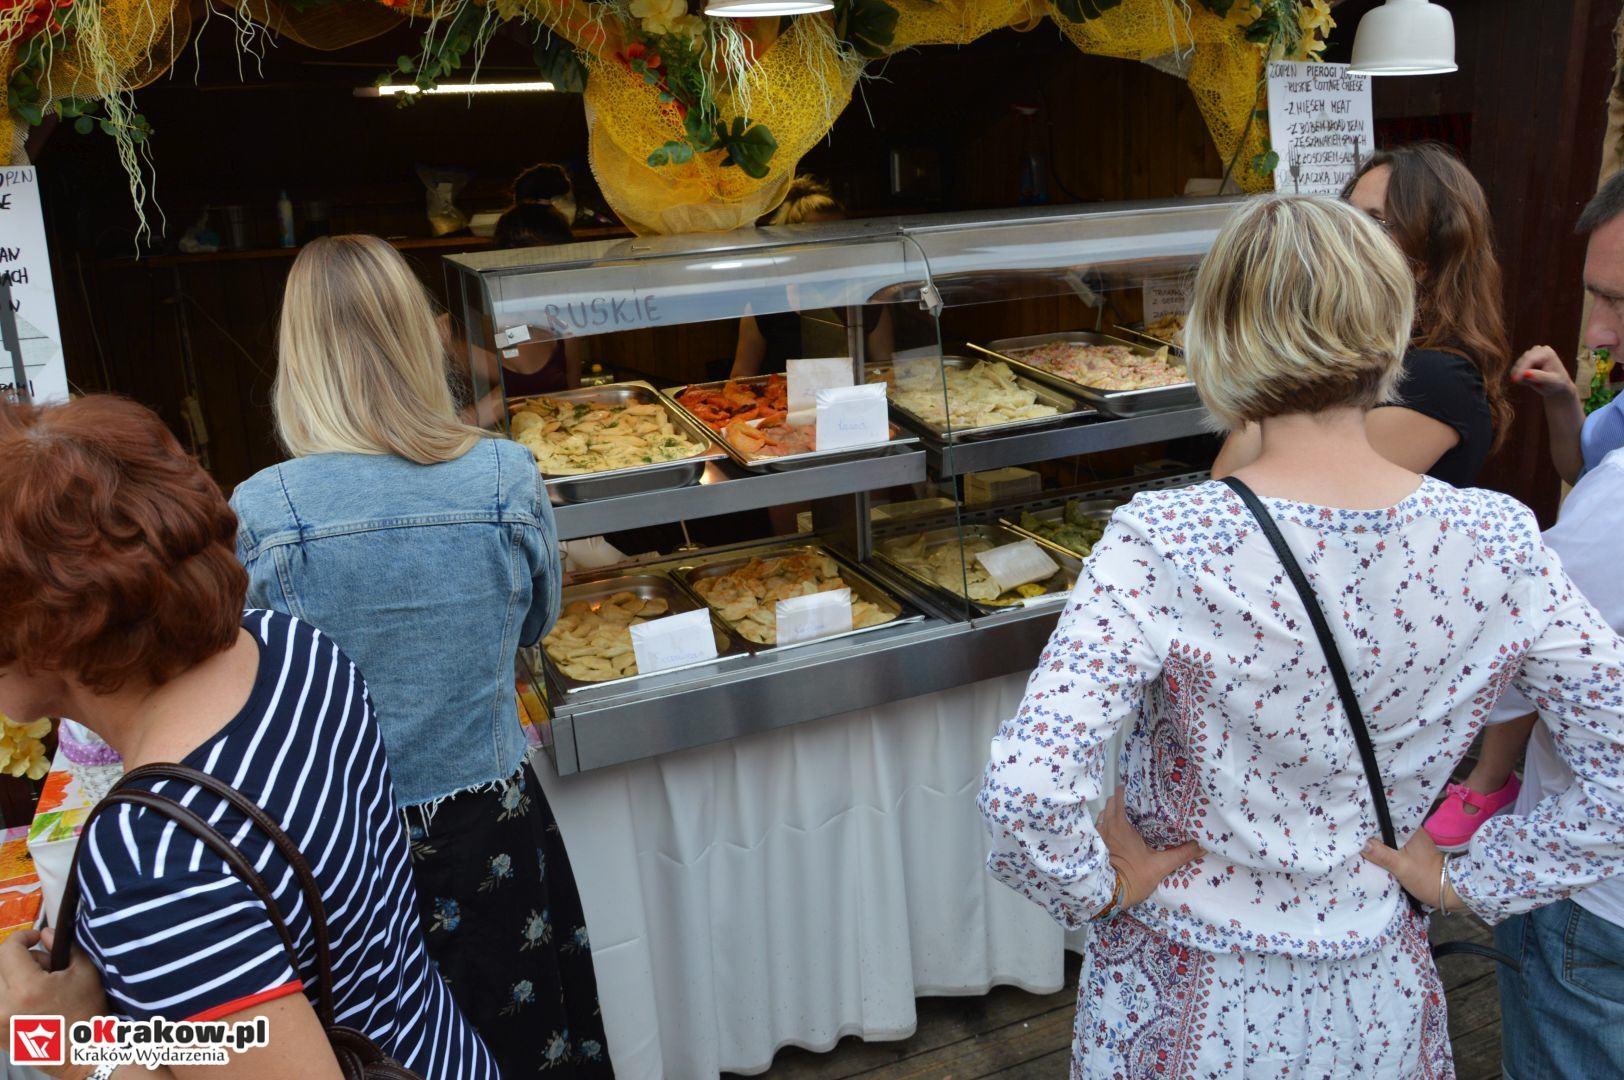 krakow festiwal pierogow maly rynek koncert cheap tobacco 90 150x150 - Galeria zdjęć Festiwal Pierogów Kraków 2018 + zdjęcia z koncertu Cheap Tobacco